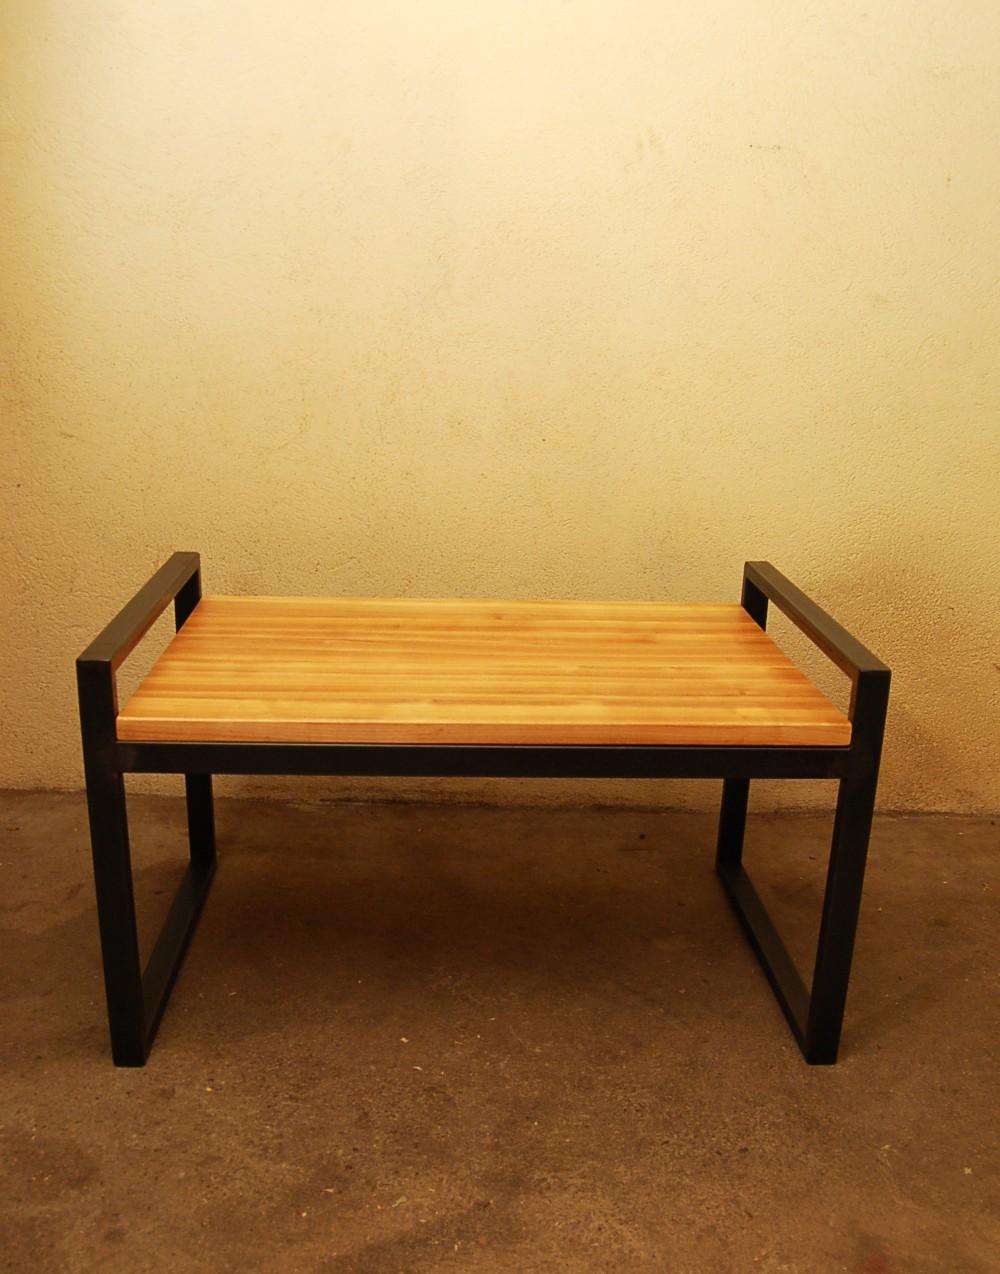 C ation meuble contemporain uzes gard tables basses design desserte design acier patin for Copie de meubles design